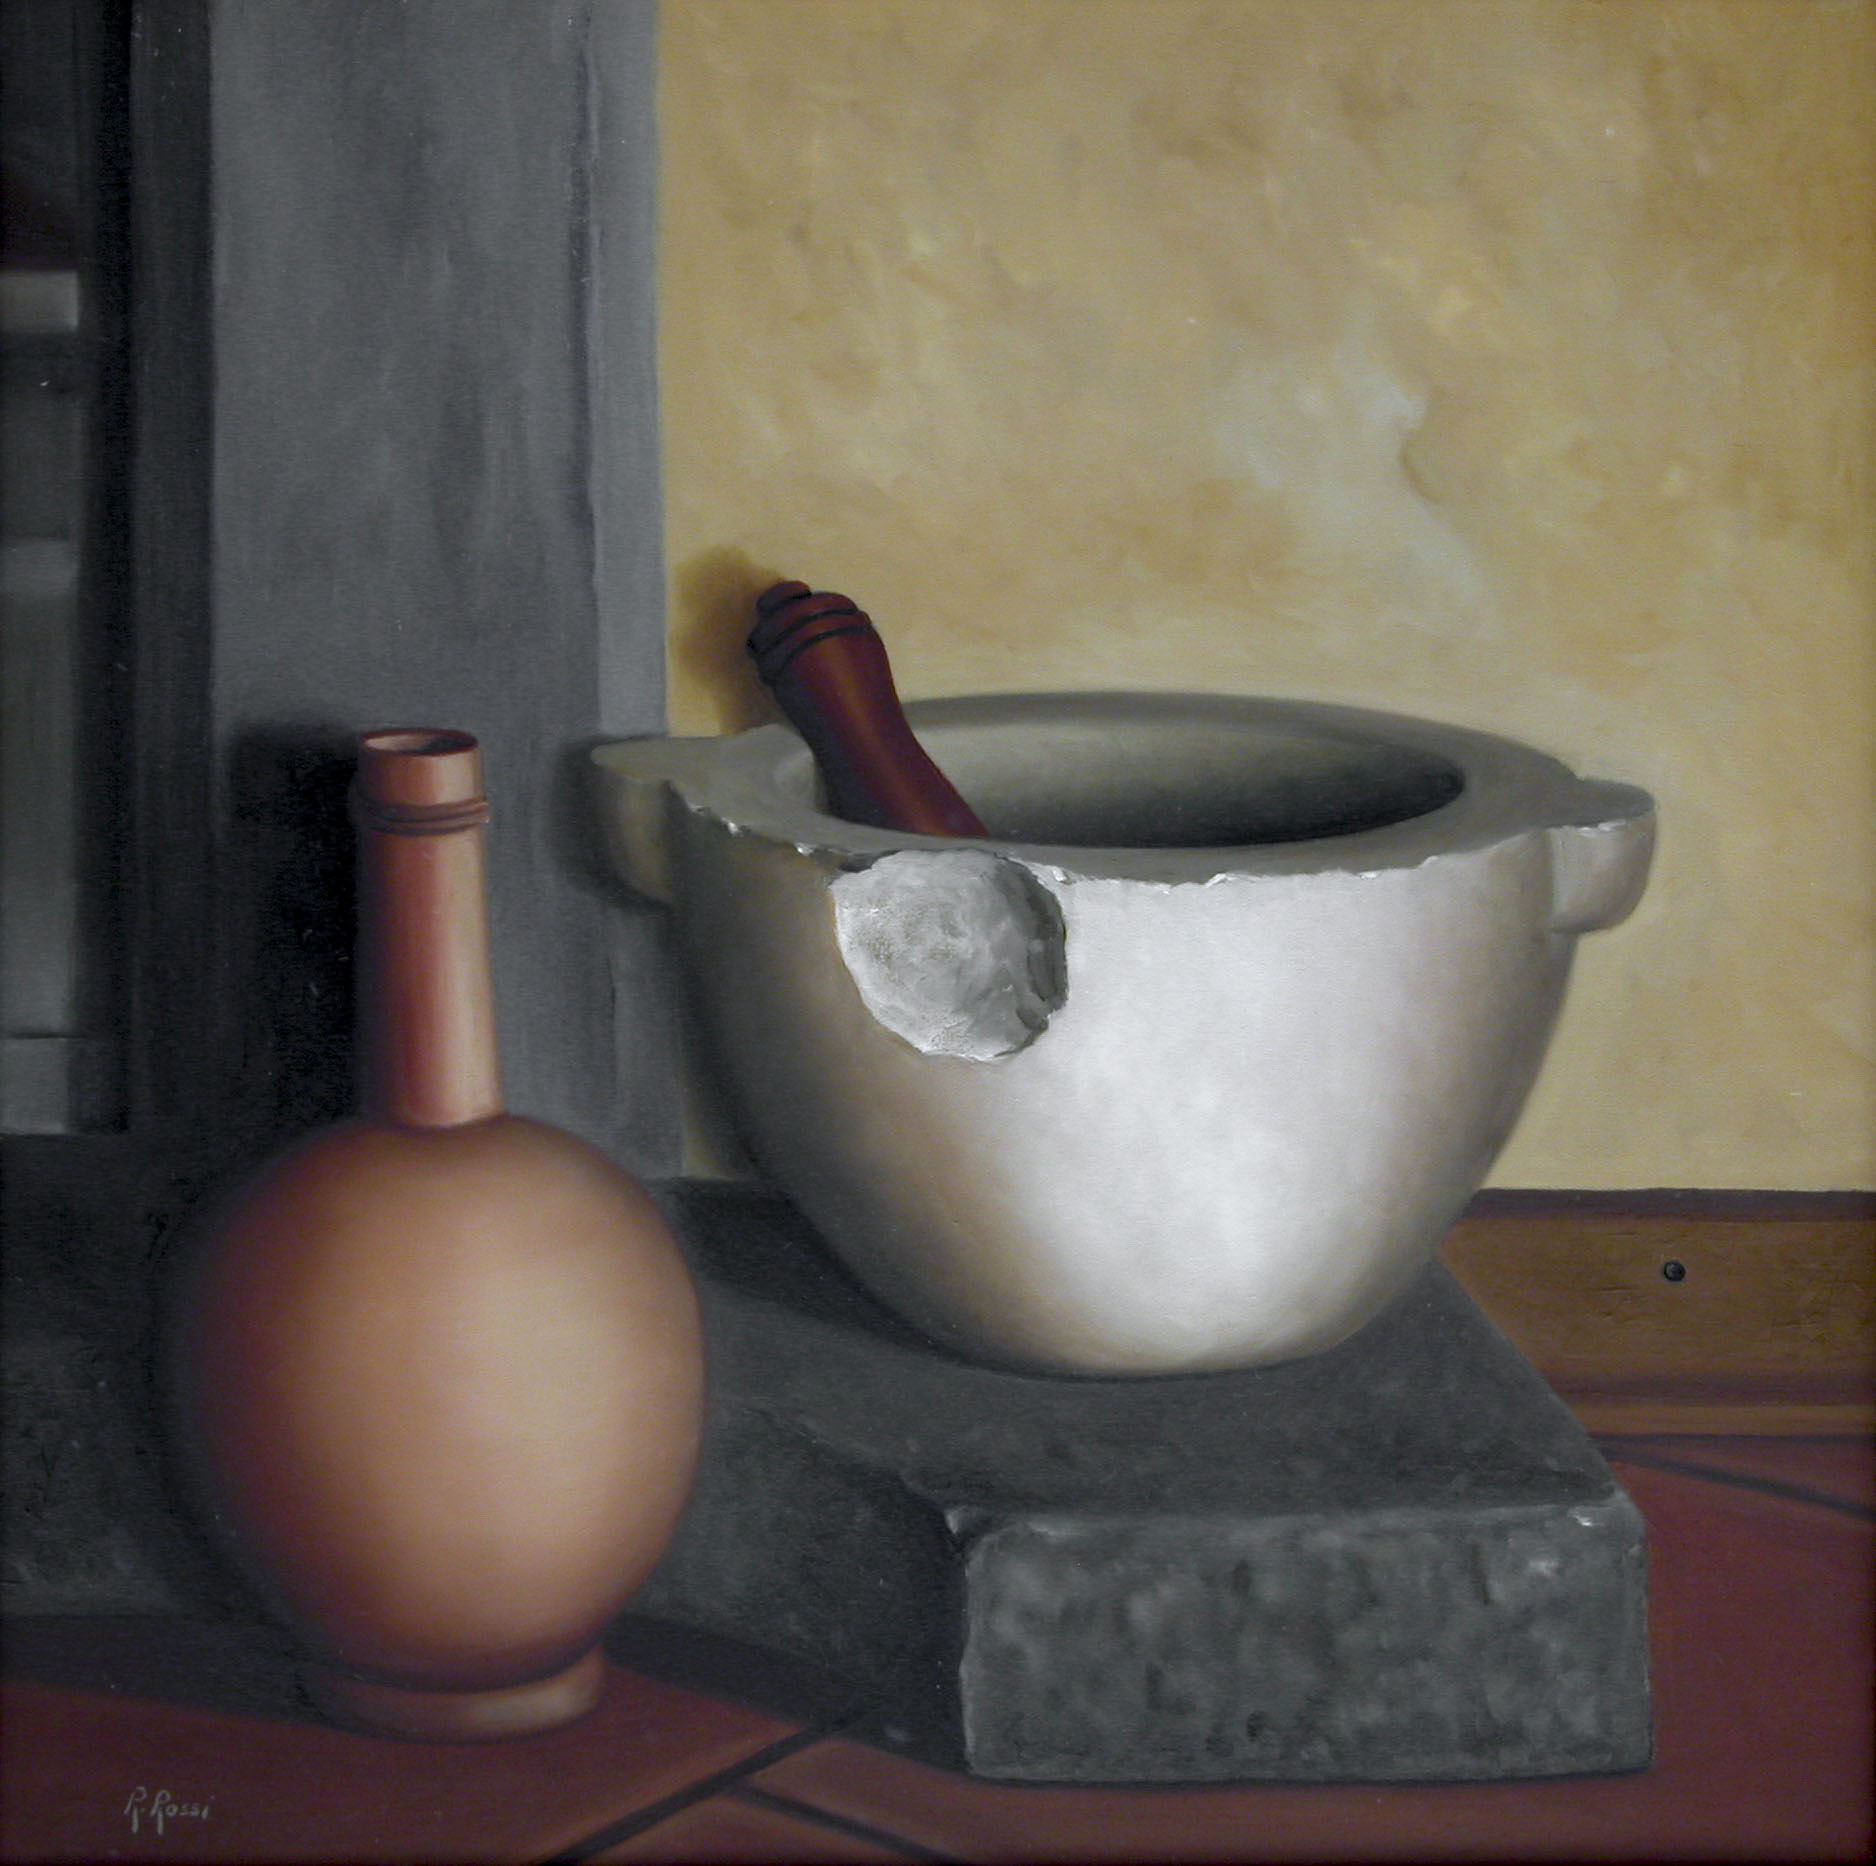 2008 roberta rossi - Vaso e mortaio - olio su tela - 40 x 40